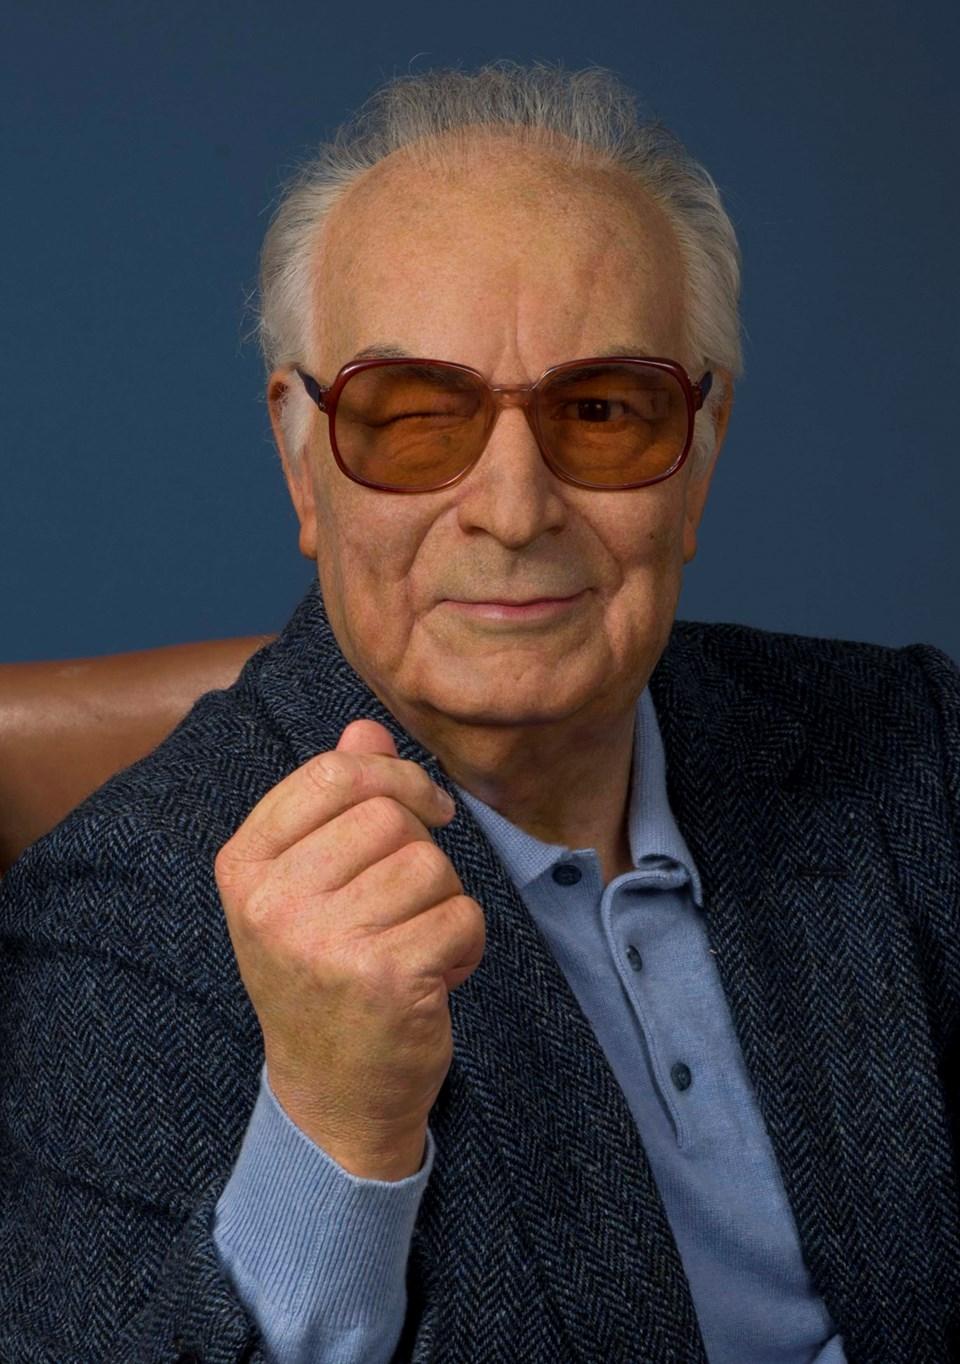 Anadolu efsanelerini dünyaya tanıtan Yaşar Kemal, 1990'lı yıllardaki haliyle tasvir edildi.